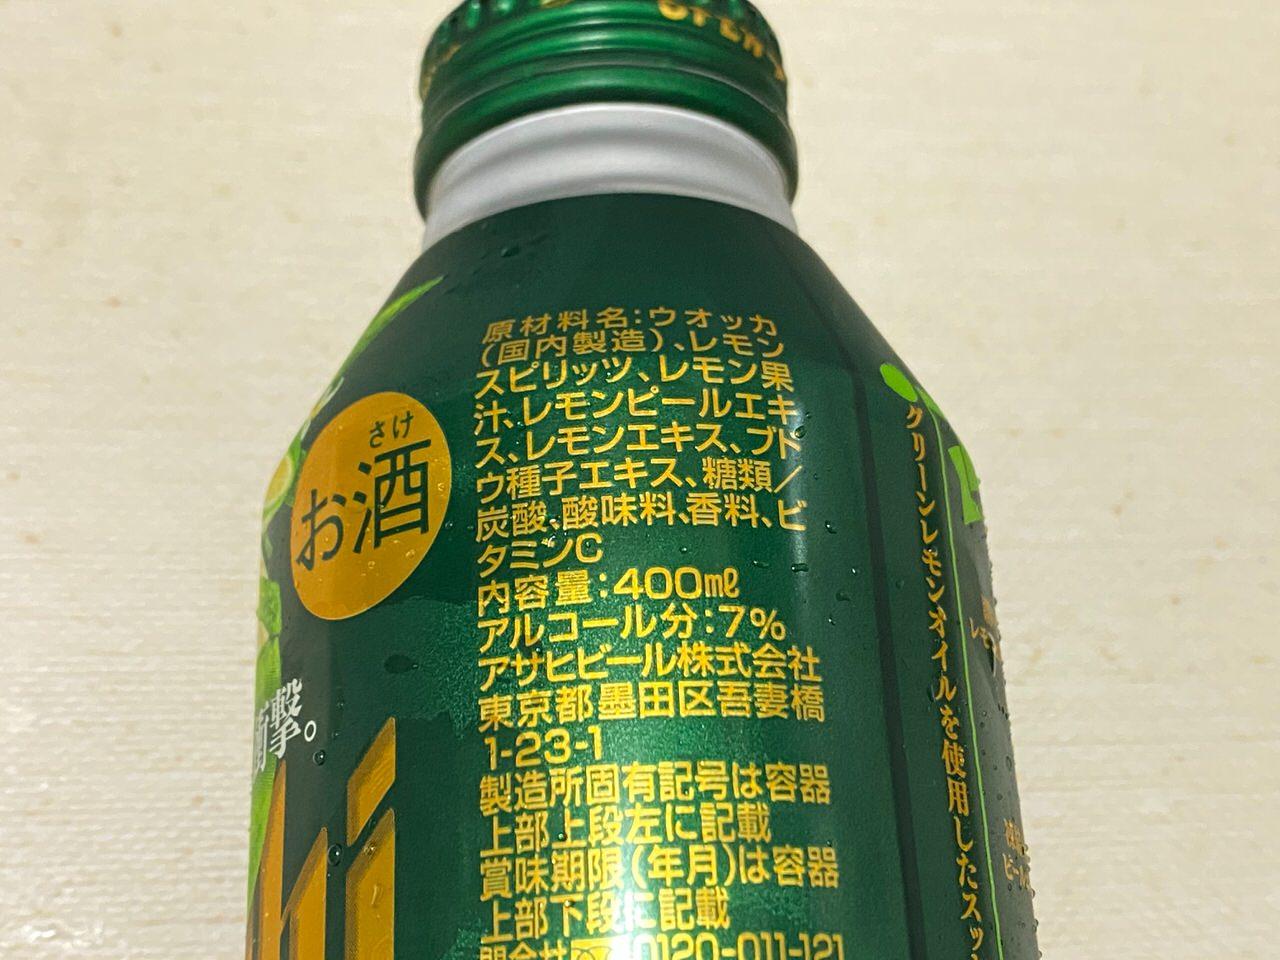 ザ・レモンクラフト グリーンレモン 2020127